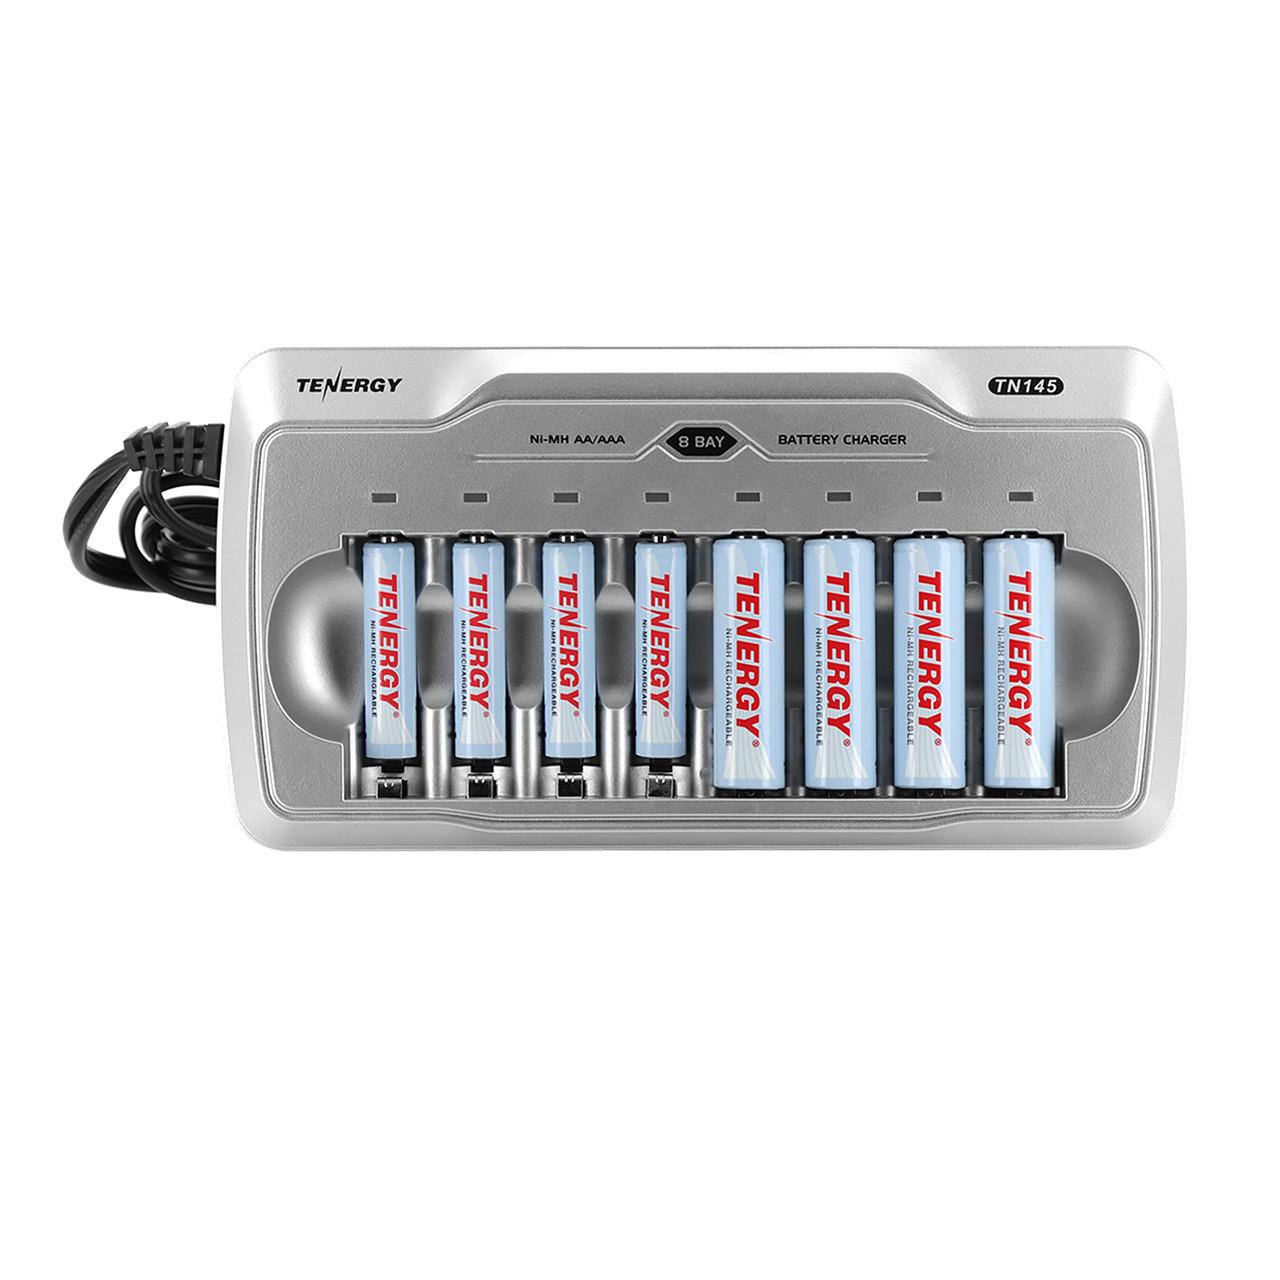 Combo: TN145 8-Bay AA/AAA NiMH/NiCd Charger + 4 AA and 4 AAA NiMH Rechargeable Batteries